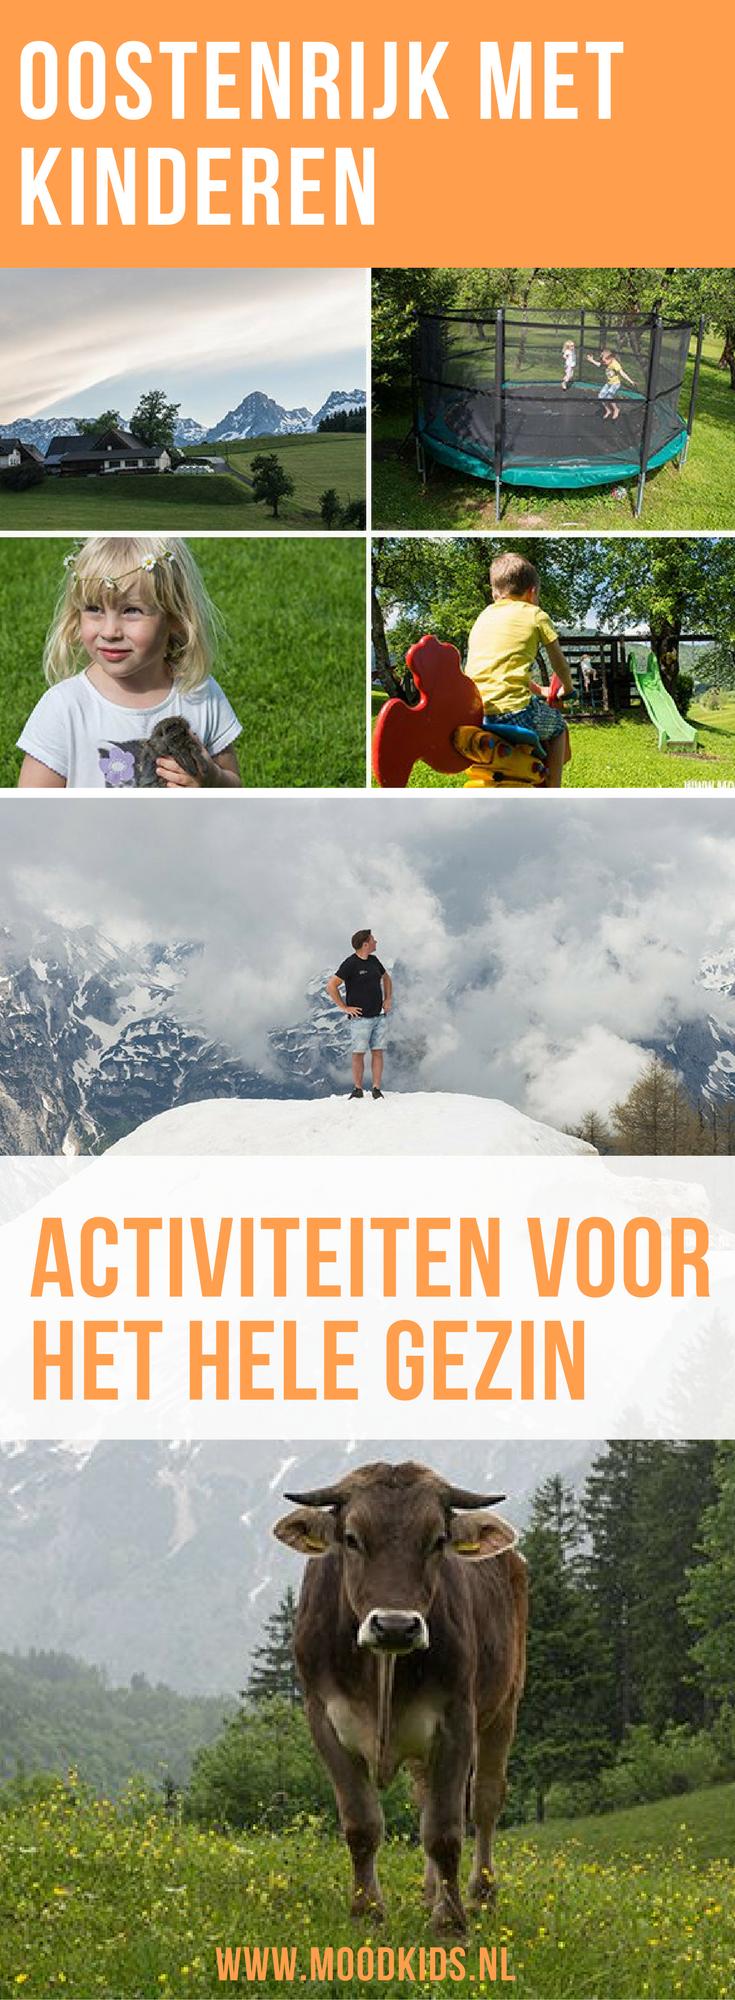 In Noord-Oostenrijk ligt het Pyhrn-Priel-Gebiet. Het is daar zo prachtig en er is zoveel leuks te ondernemen. Ideaal voor een vakantie met kinderen. Lees meer over onze activiteiten.